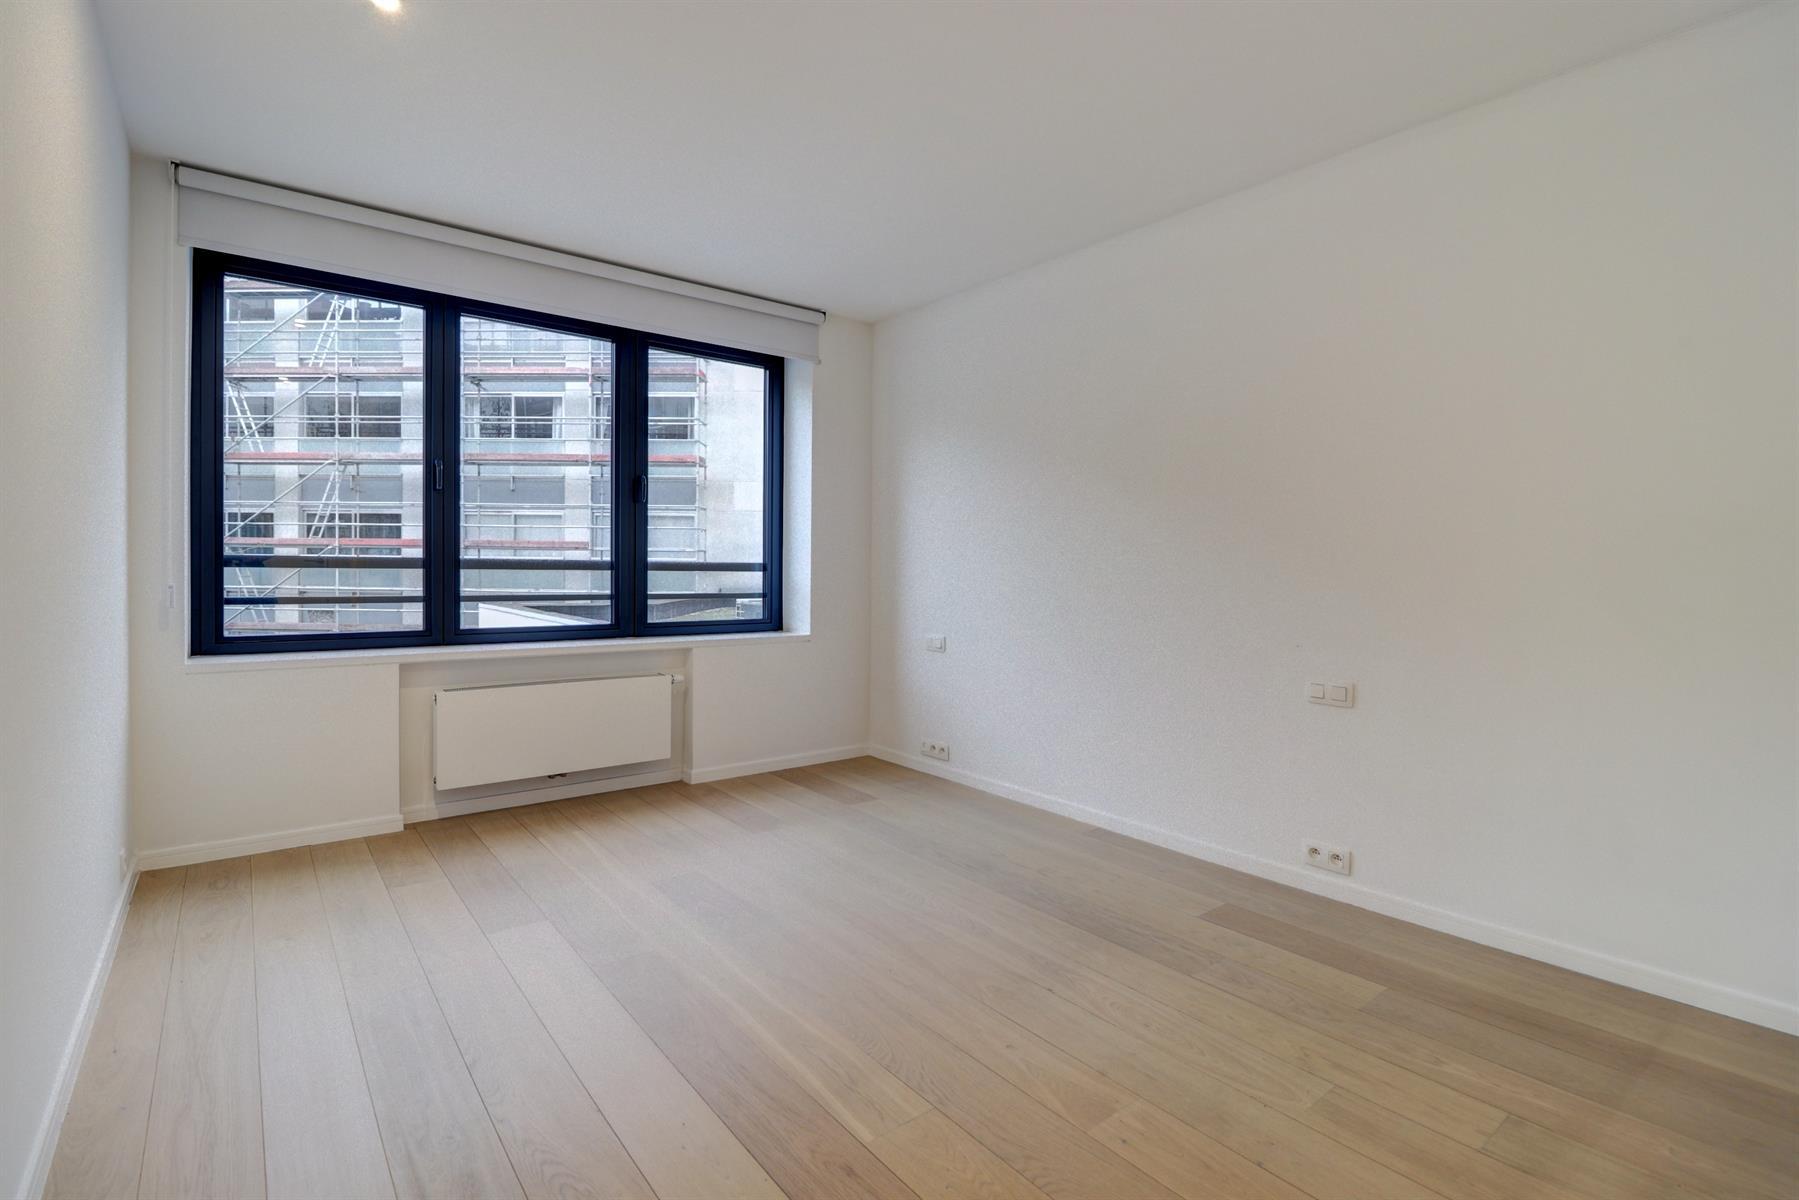 Appartement - Ixelles - #4264761-28